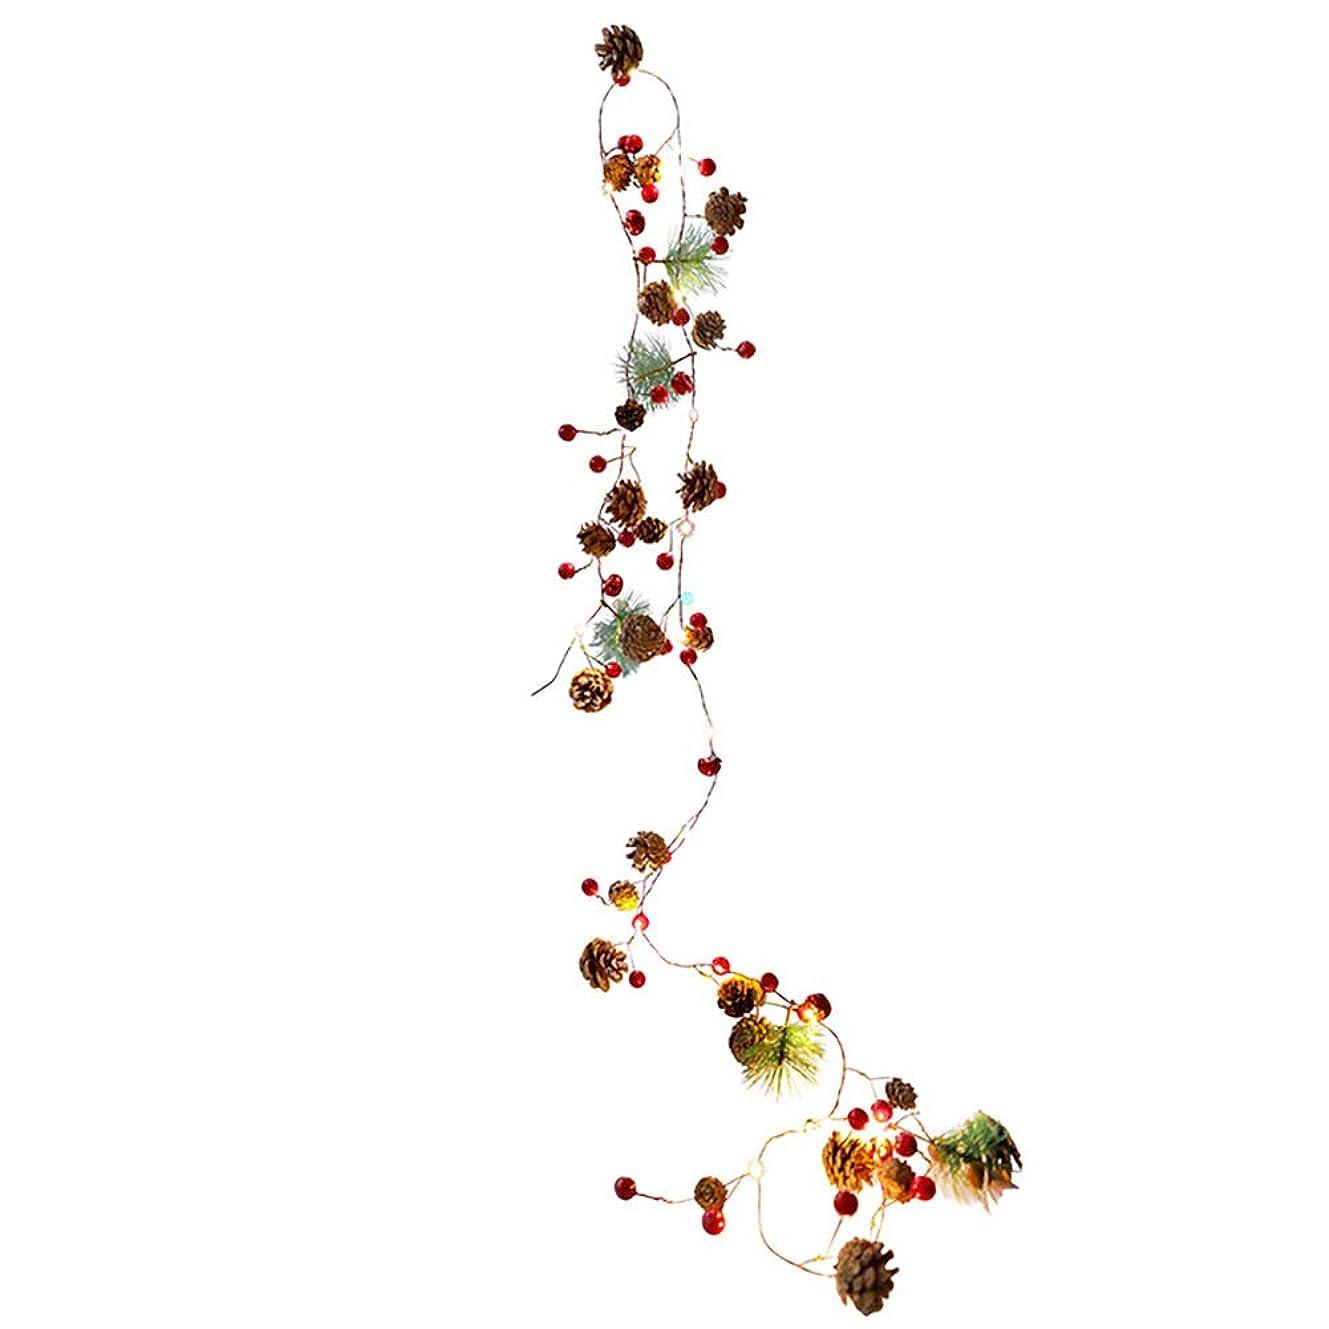 洞窟緊急これまでクリスマス ストリングライト 暖かい雰囲気 可愛 クリスマスツリー 装飾 珠子 ベル LED灯飾り マツカさ パーティー装飾 (タイプ1)